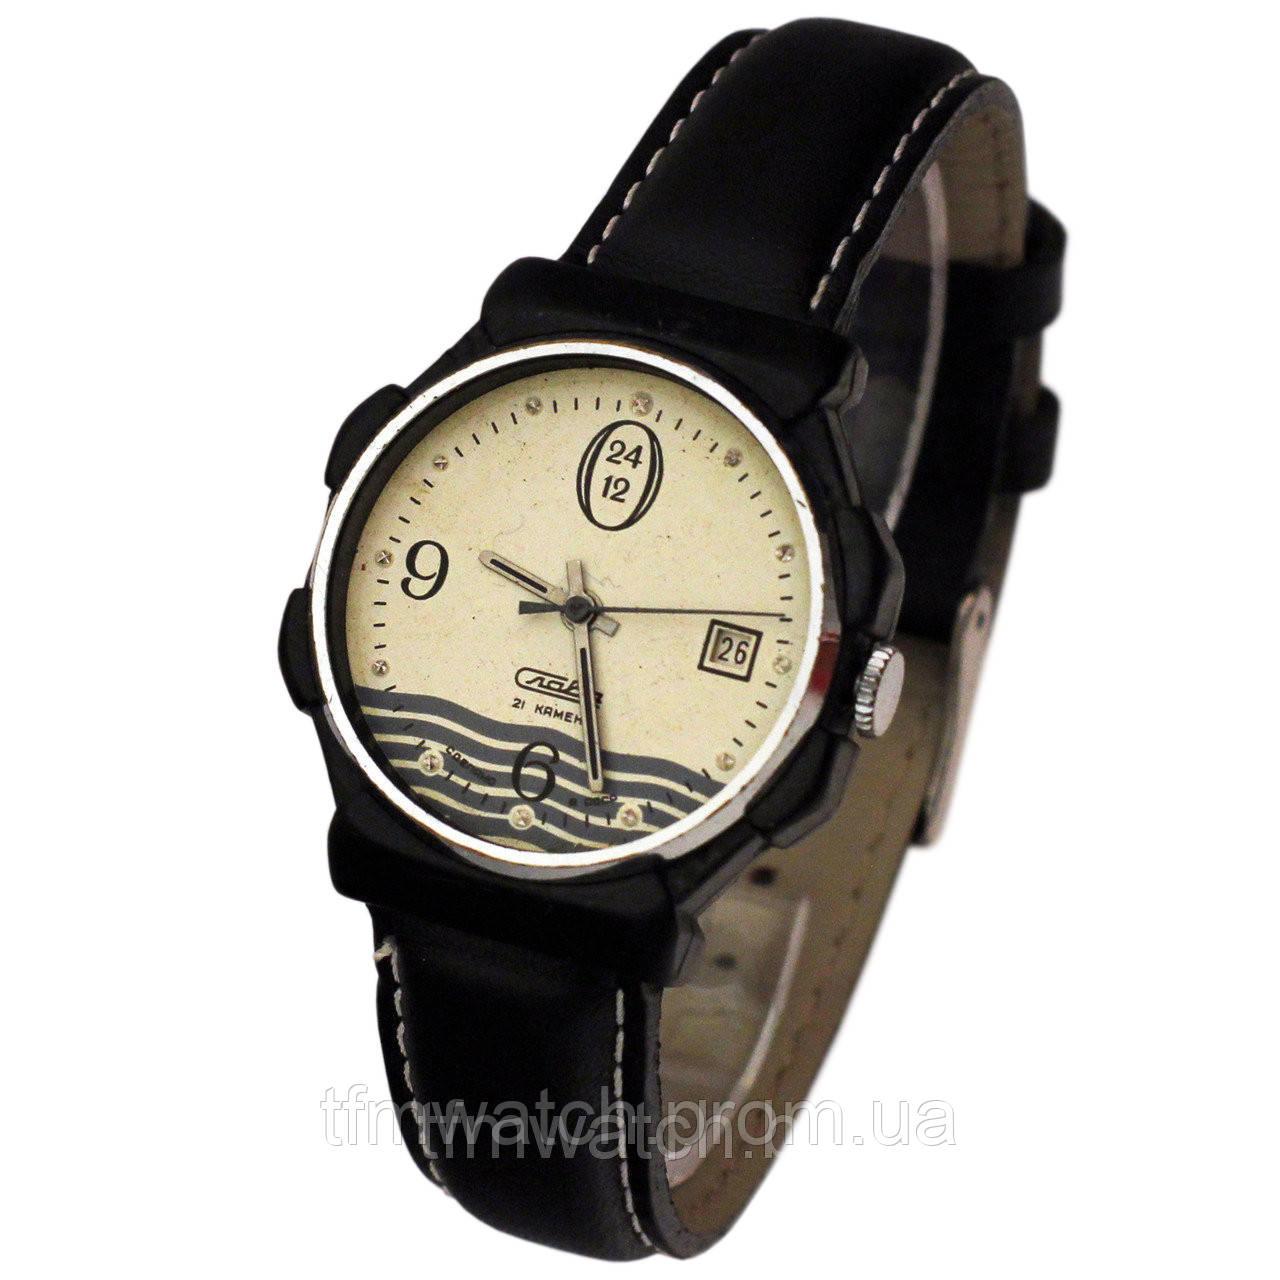 Часов корпуса москва наручных продать гомеле и сдать в часы куда фотоаппарат